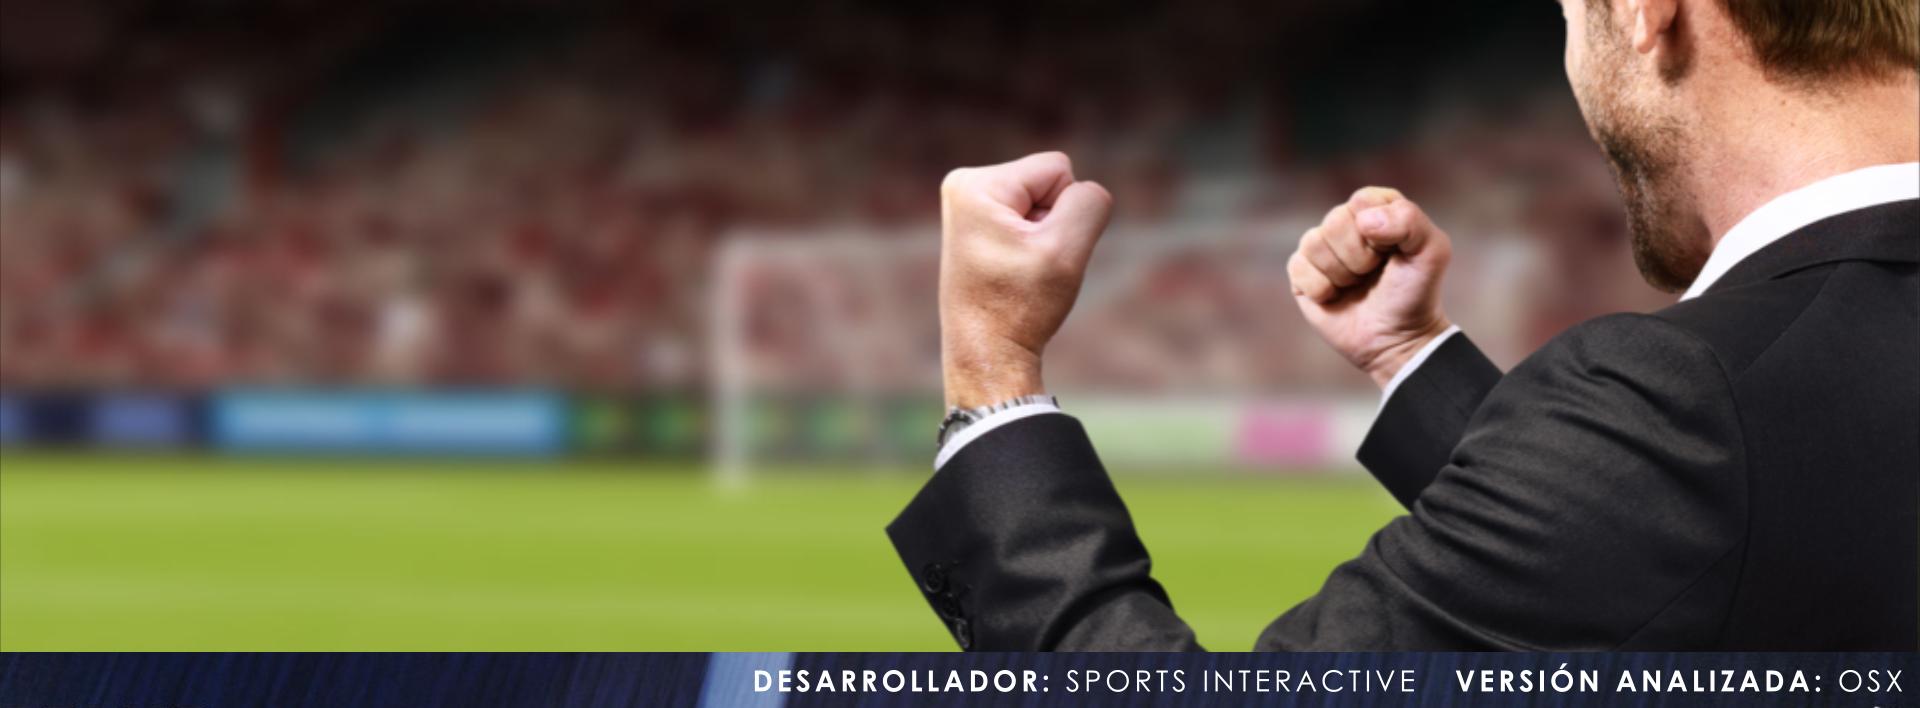 Football Manager 2015 Header